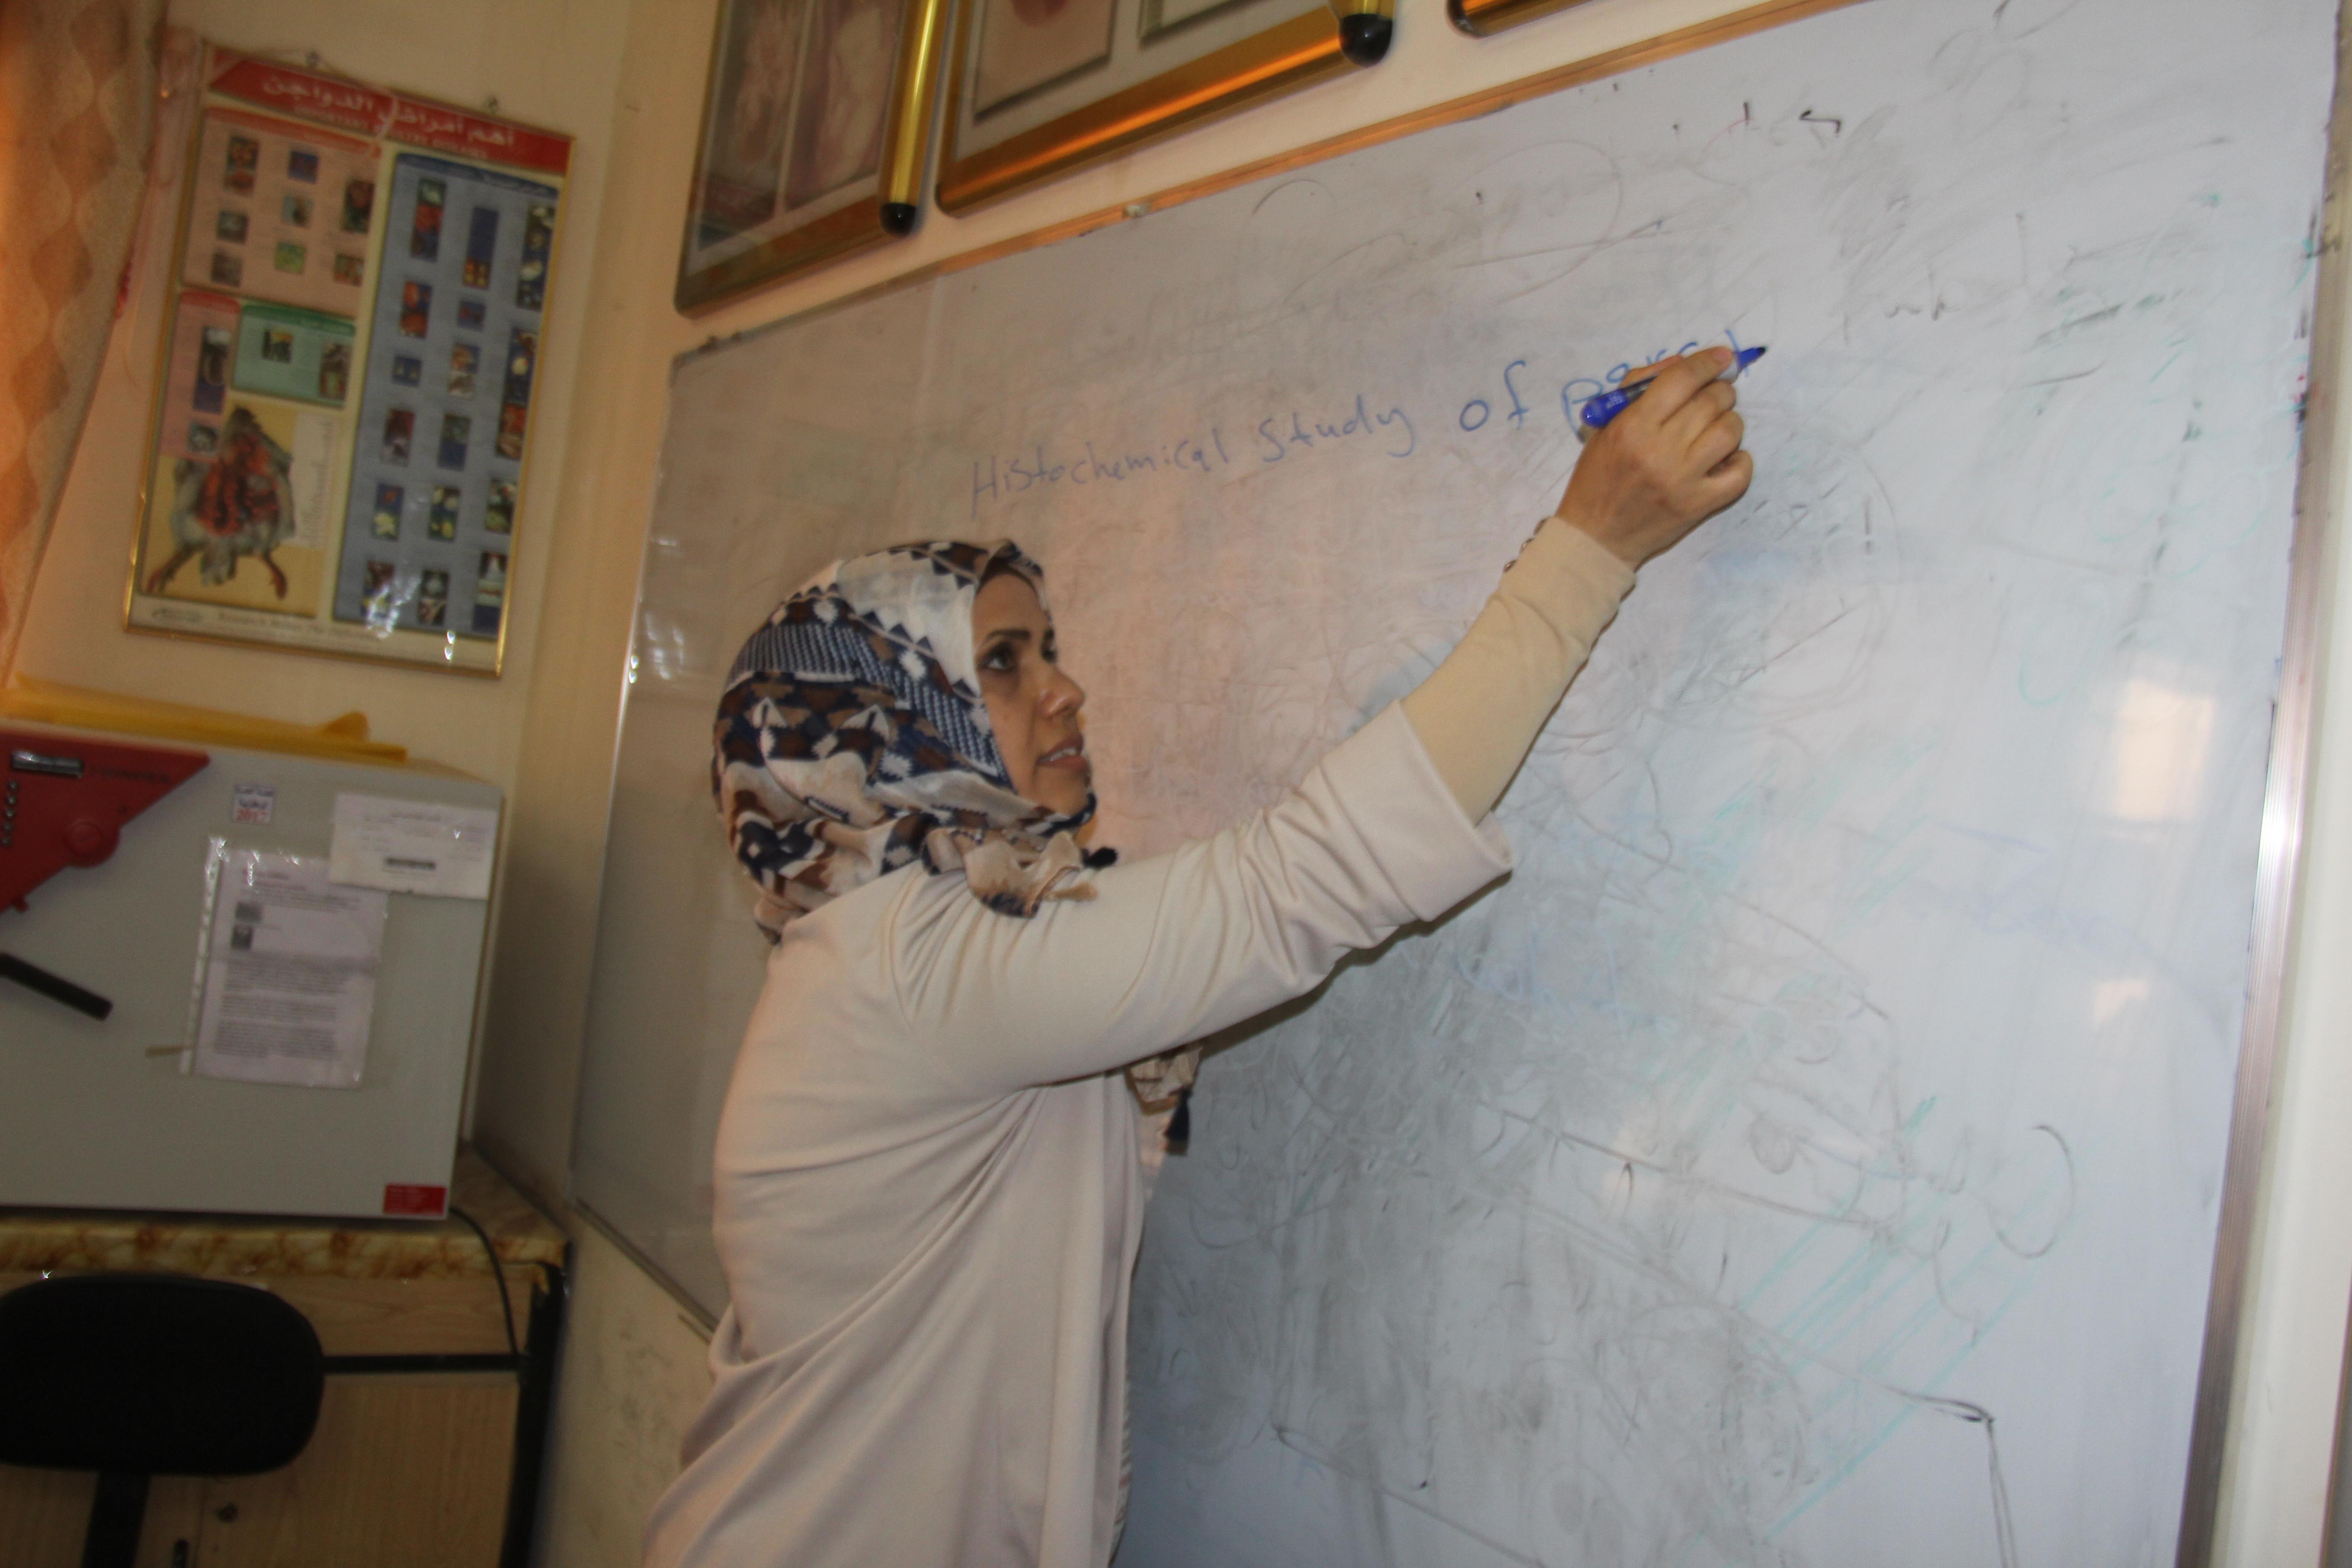 كلية الطب البيطري في جامعة القادسية تقيم حلقة نقاشية عن الآثار السمية للتناول المفرط للبراسيتمول